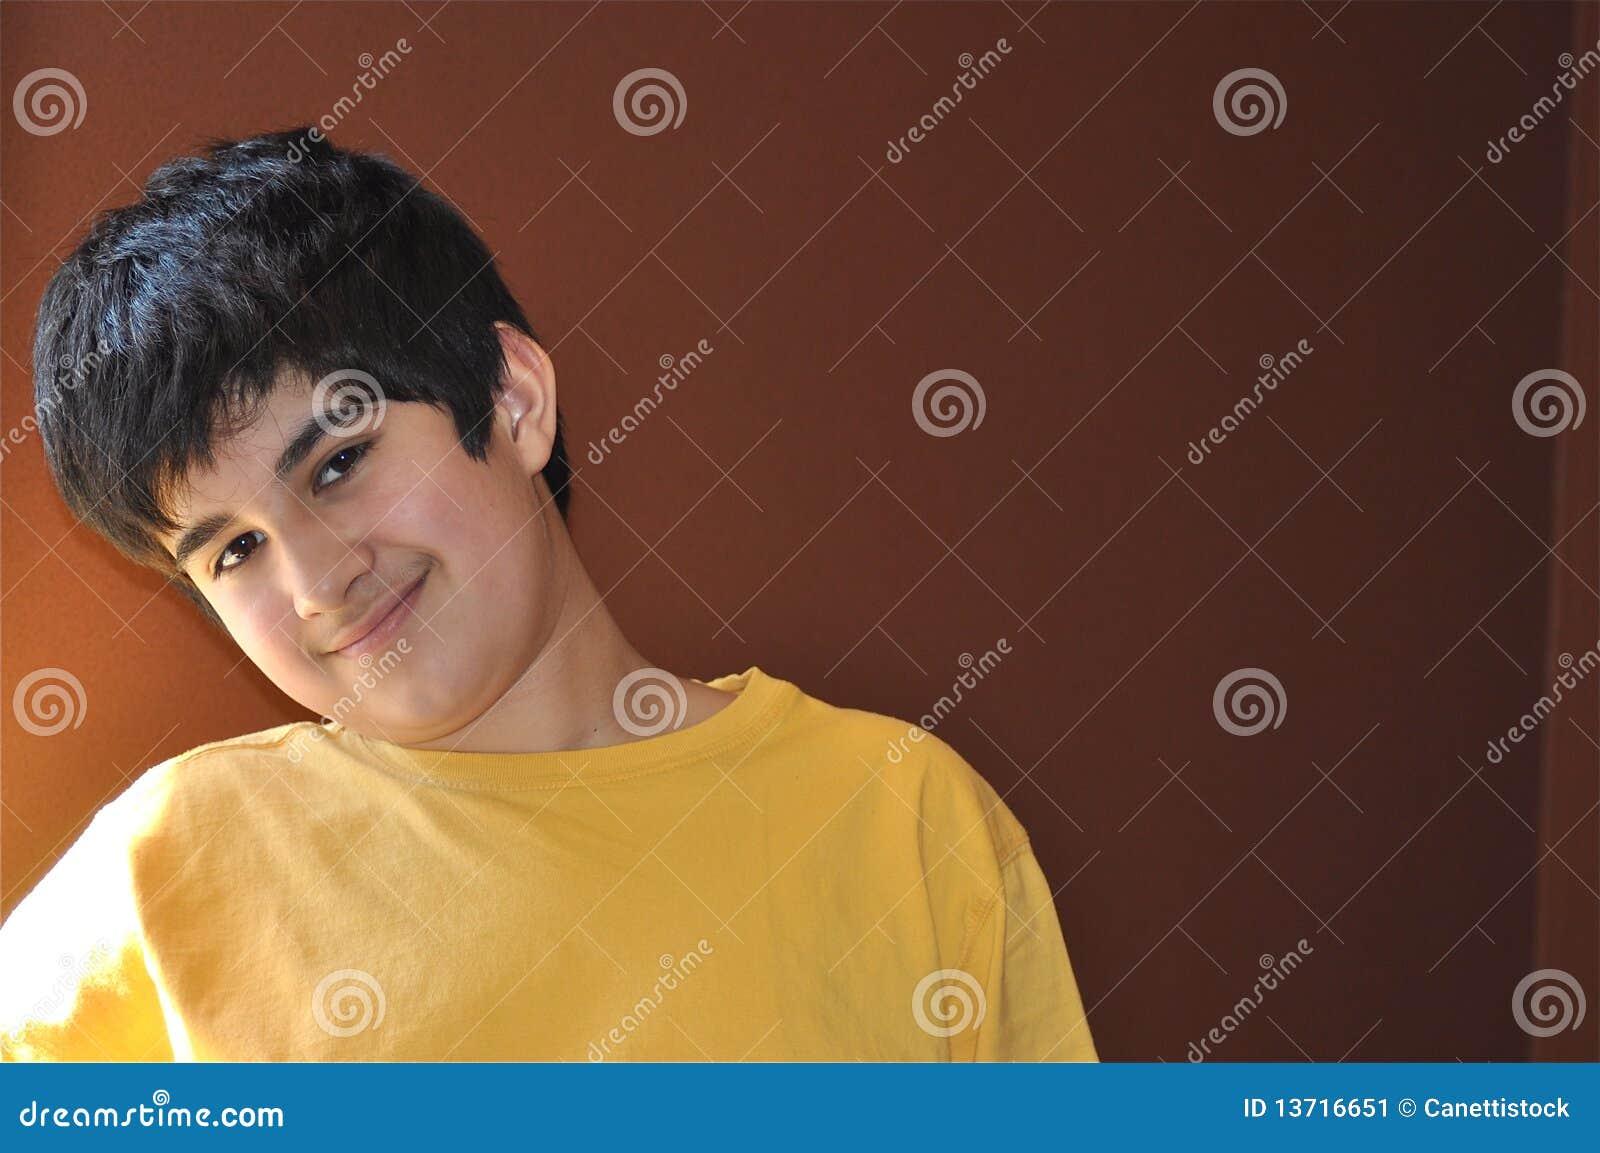 Hispanic Boy Stock Image Image Of Clothes East Arizona